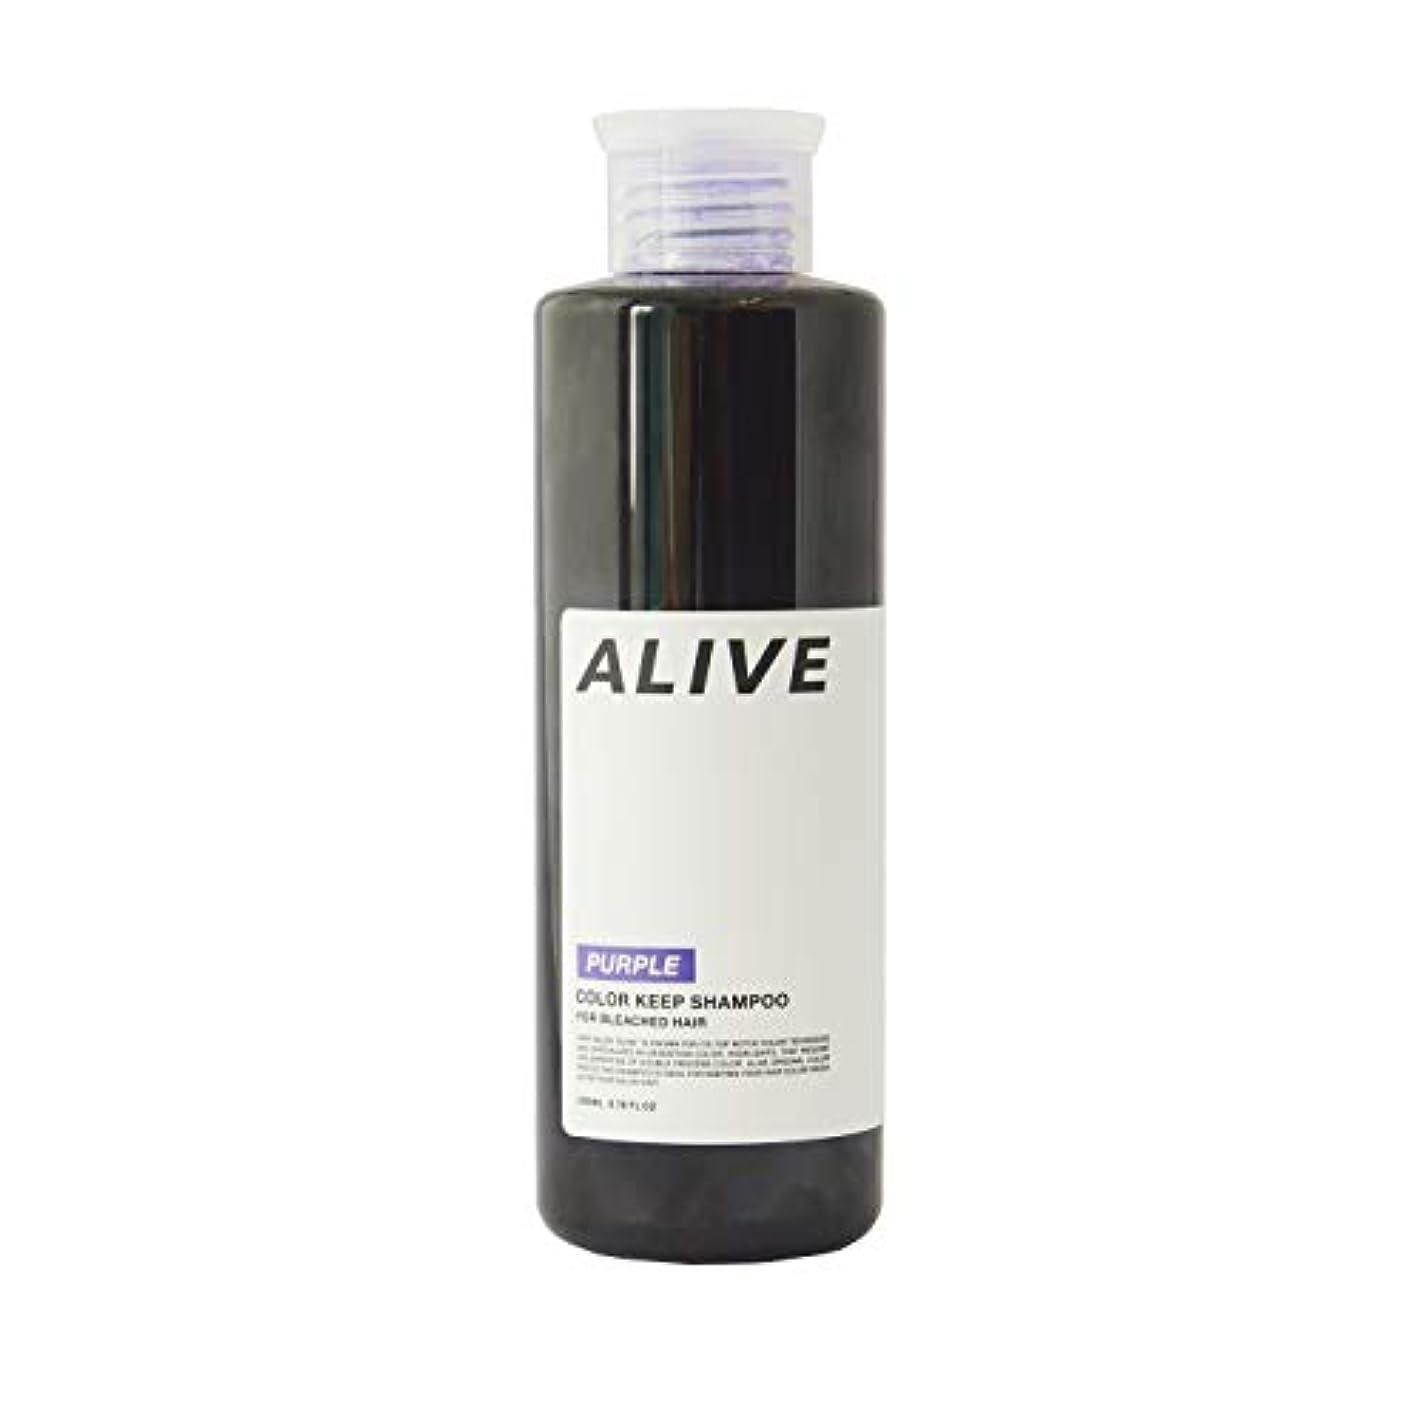 センチメートル章クローンALIVE アライブ カラーシャンプー 極濃 紫シャンプー 200ml ムラサキ パープル ムラシャン ムラサキシャンプー